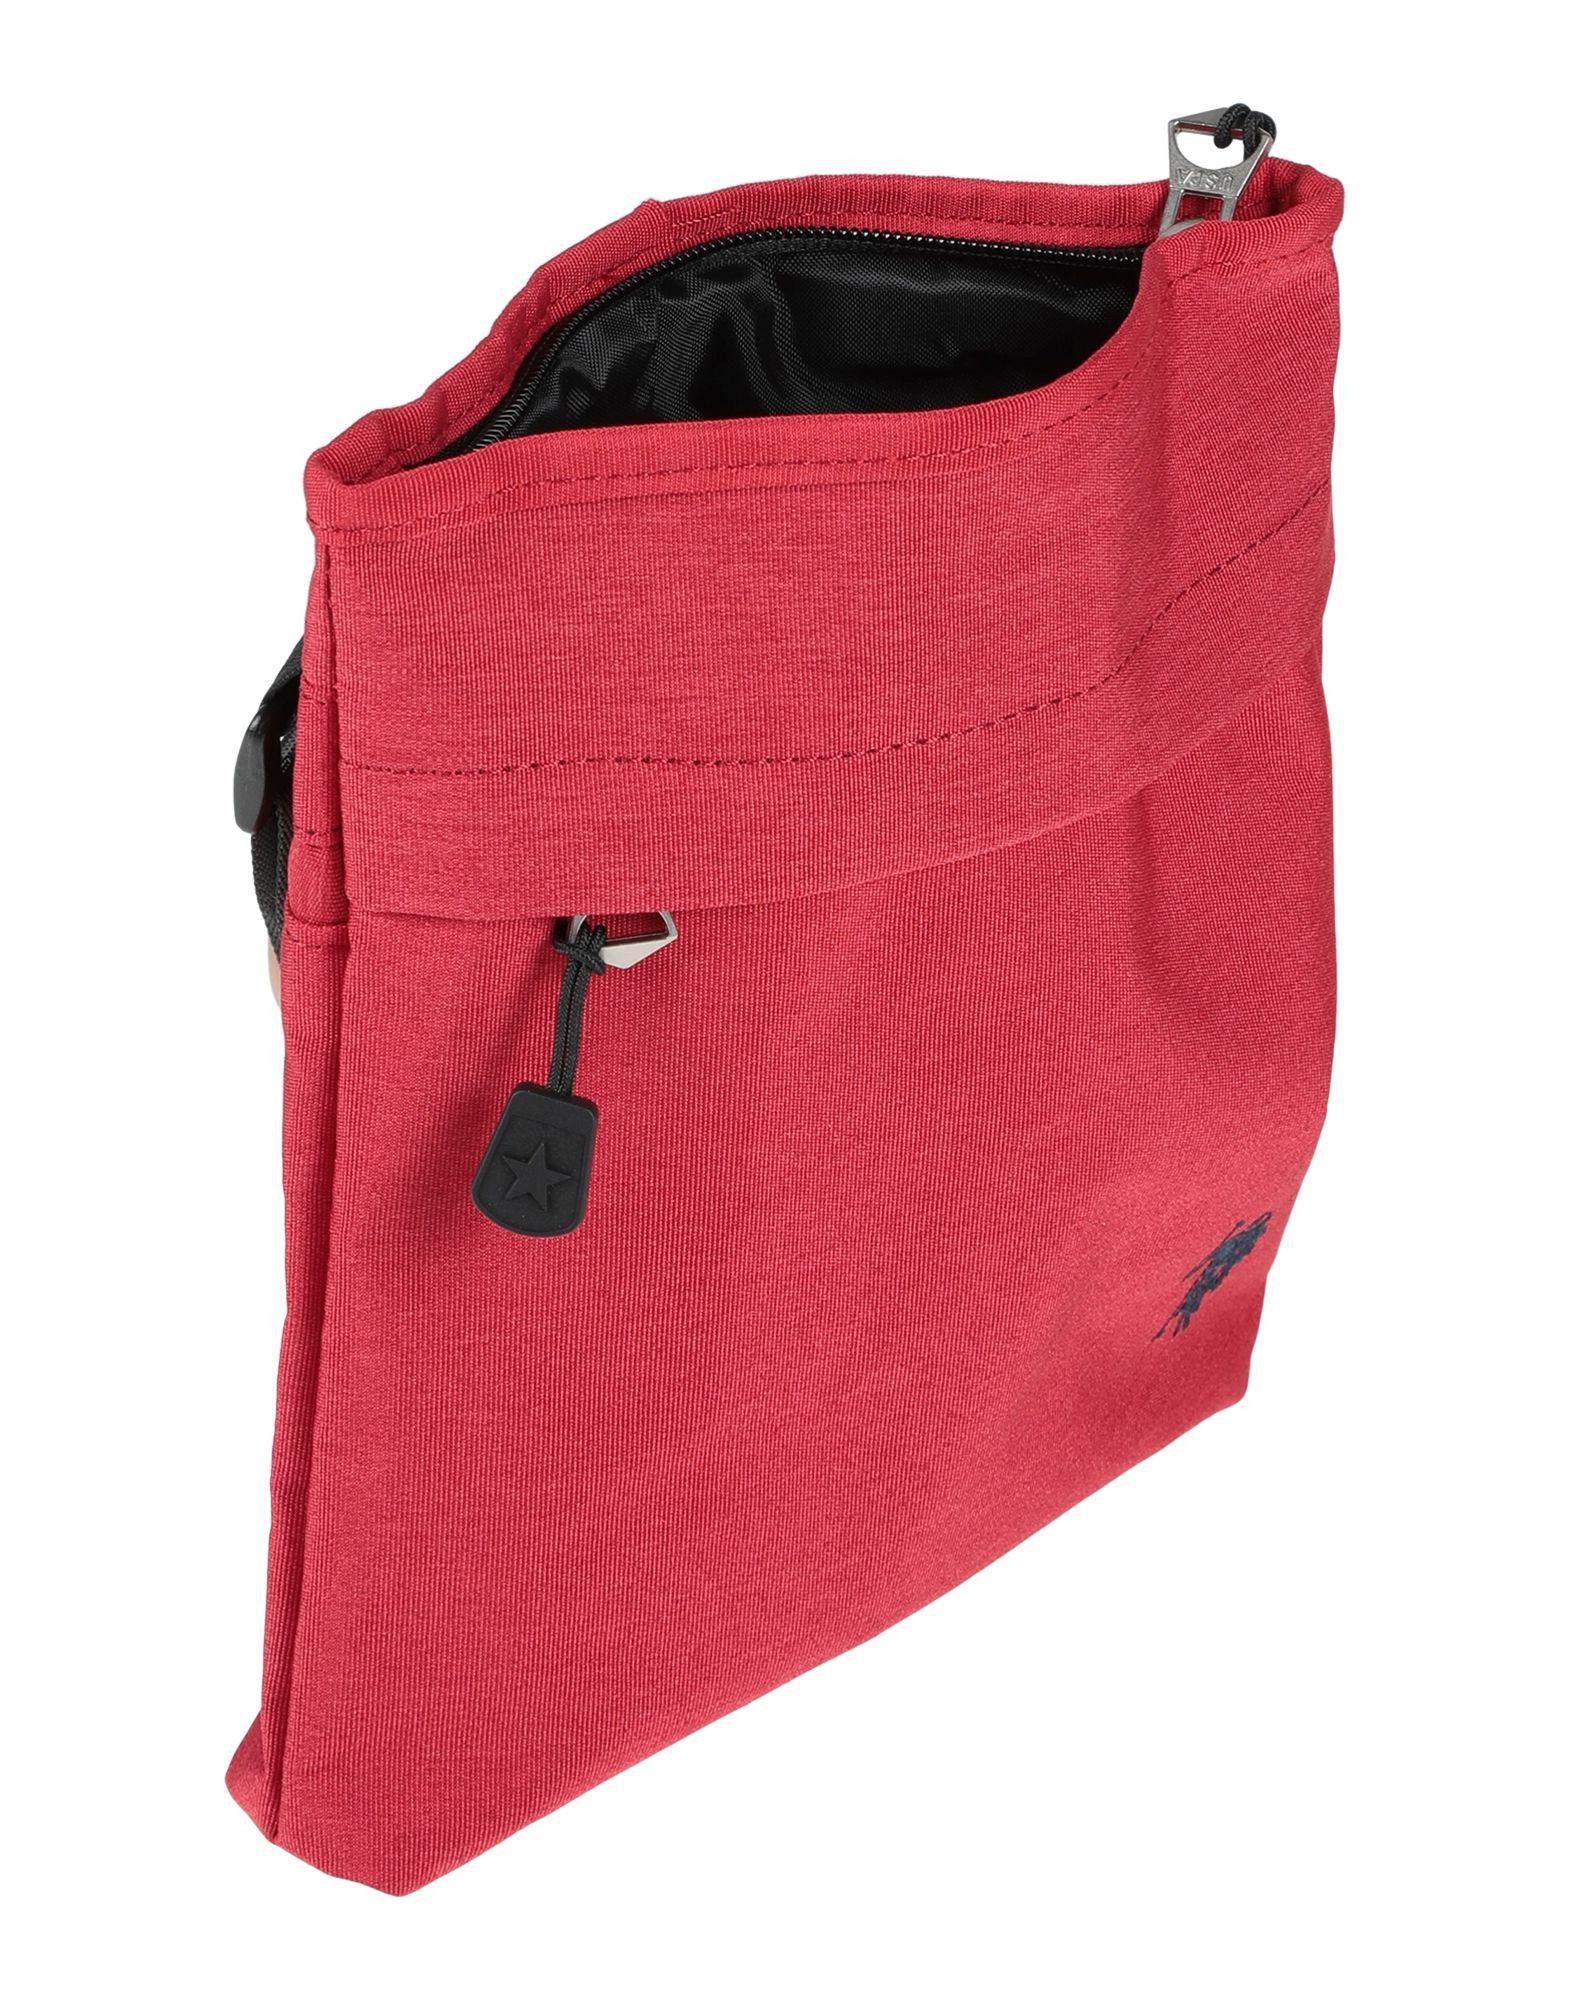 Sac porté épaule Synthétique U.S. POLO ASSN. en coloris Rouge